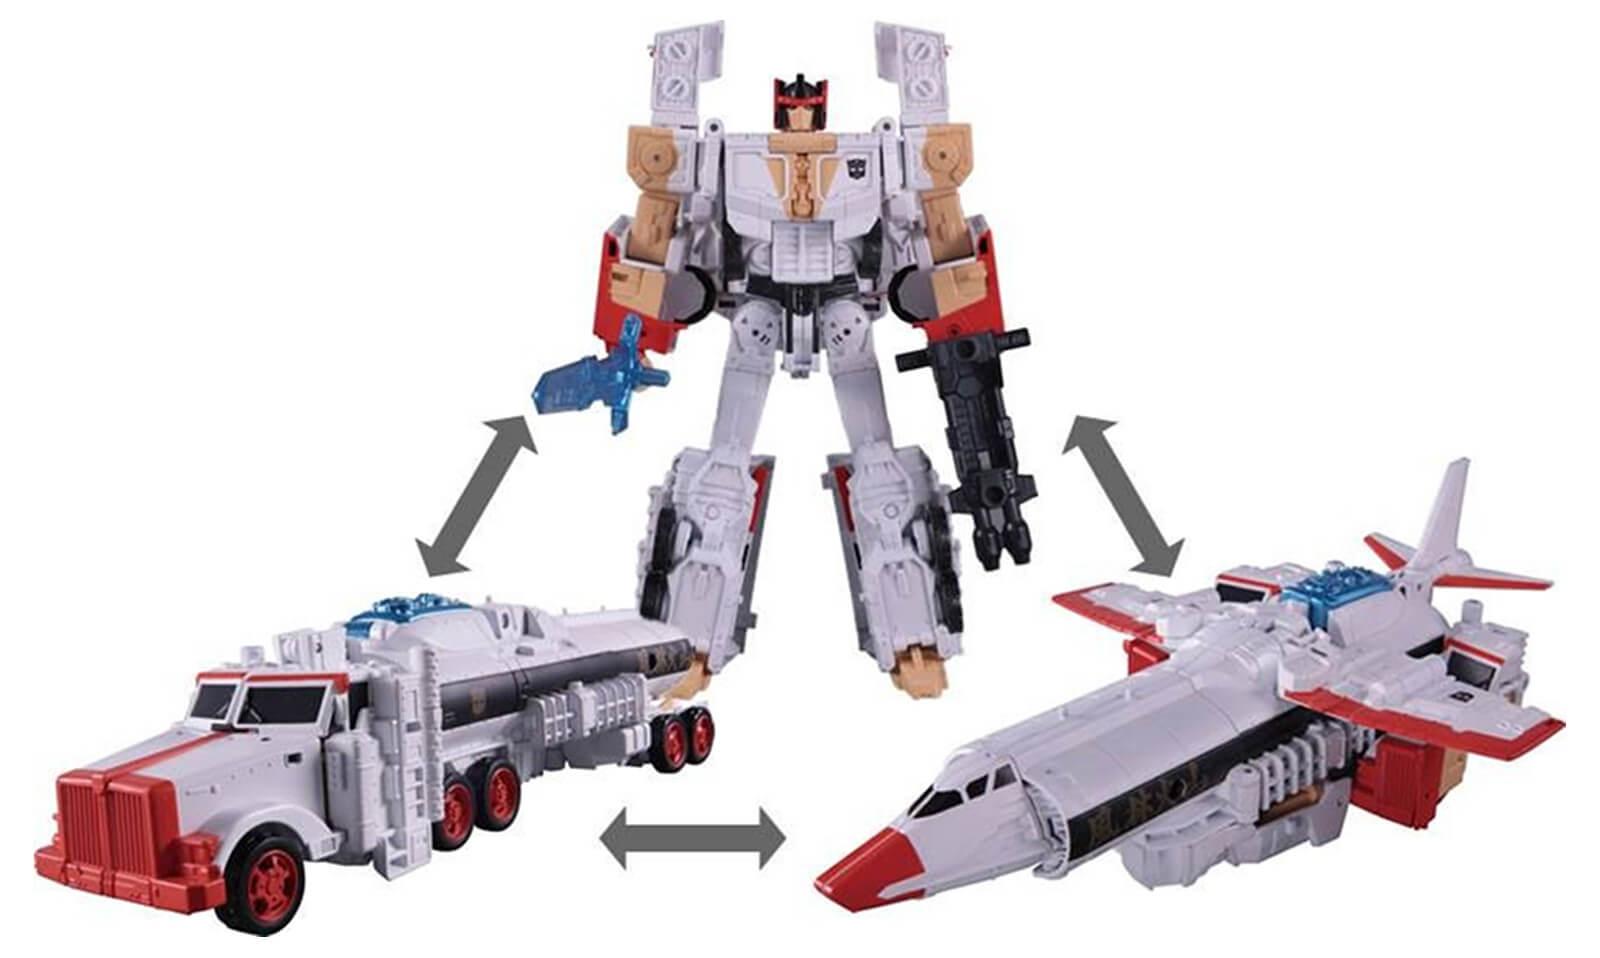 Lutadores de Street Fighter viram Transformers em inusitada linha de brinquedos